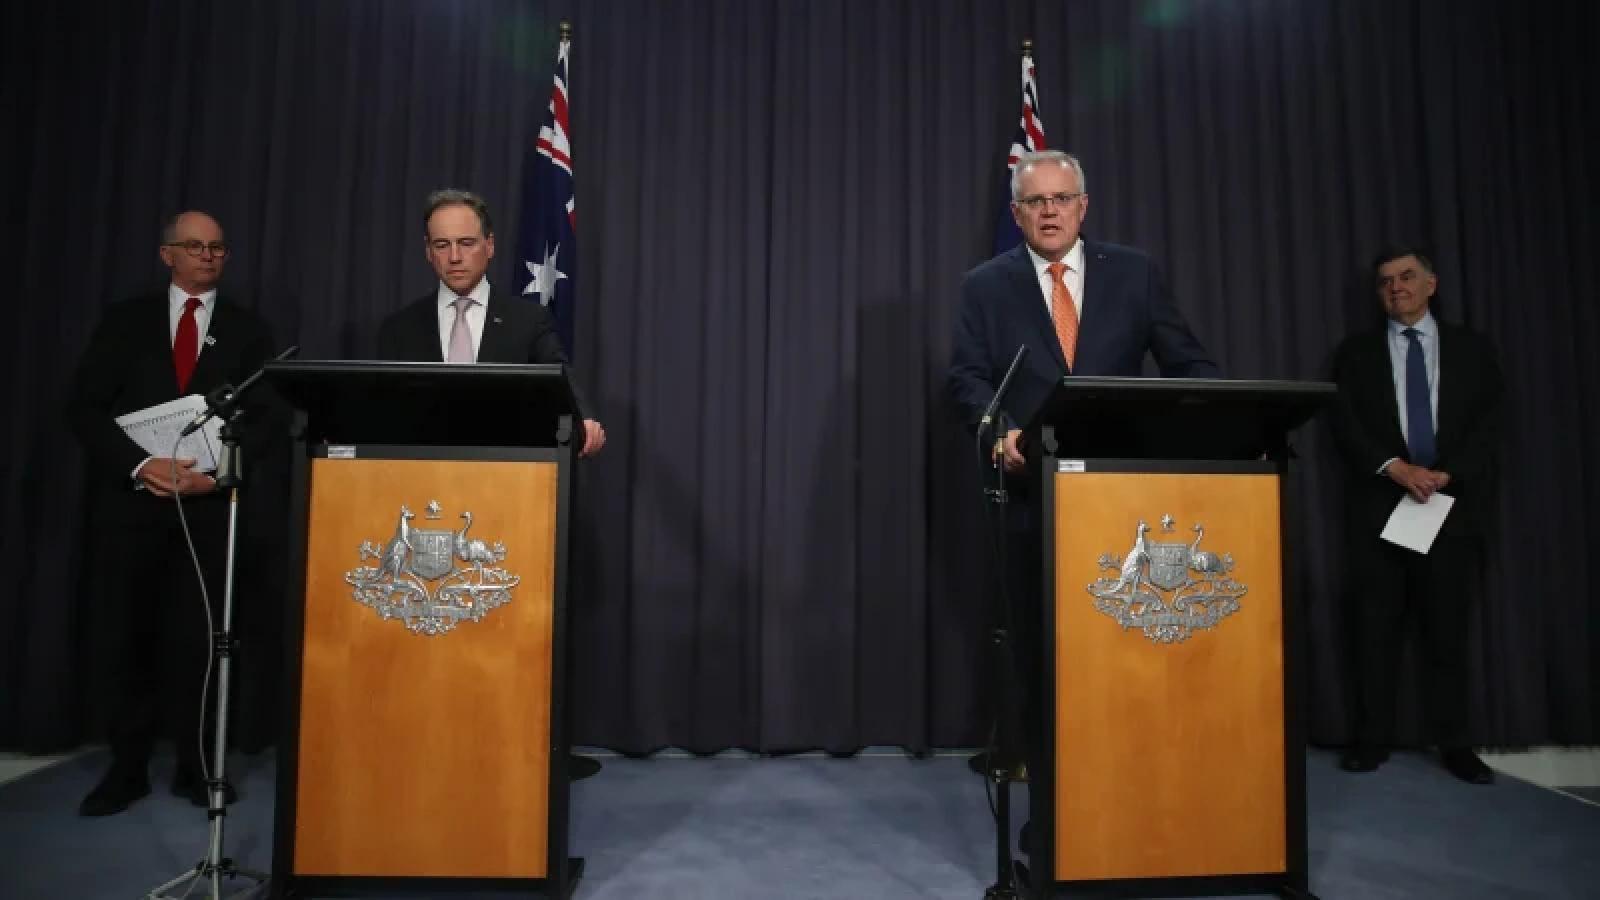 Australia khuyến cáo nên dùng vaccine của AstraZeneca cho người trên 50 tuổi